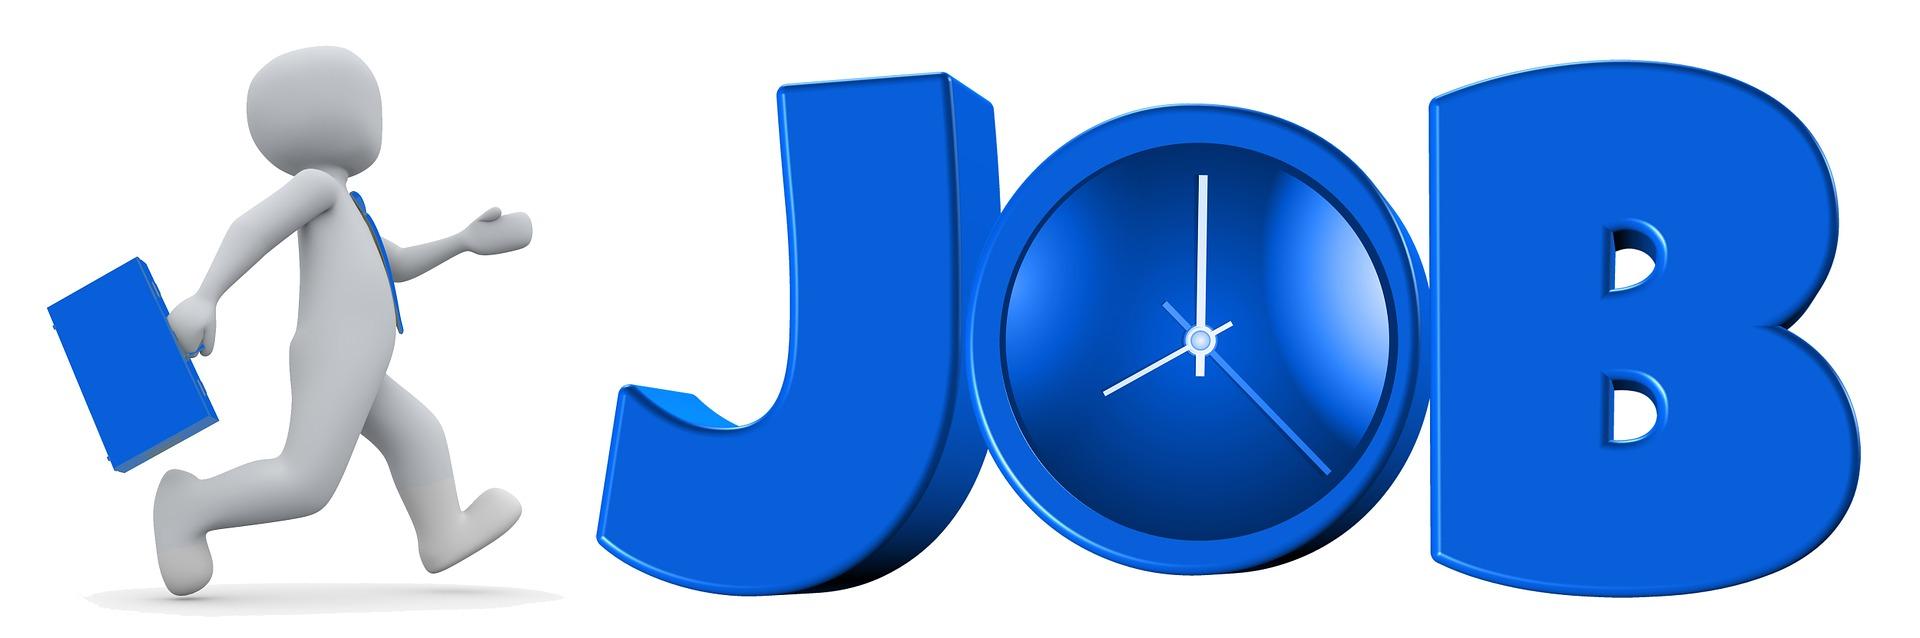 job-1257204_1920.jpg